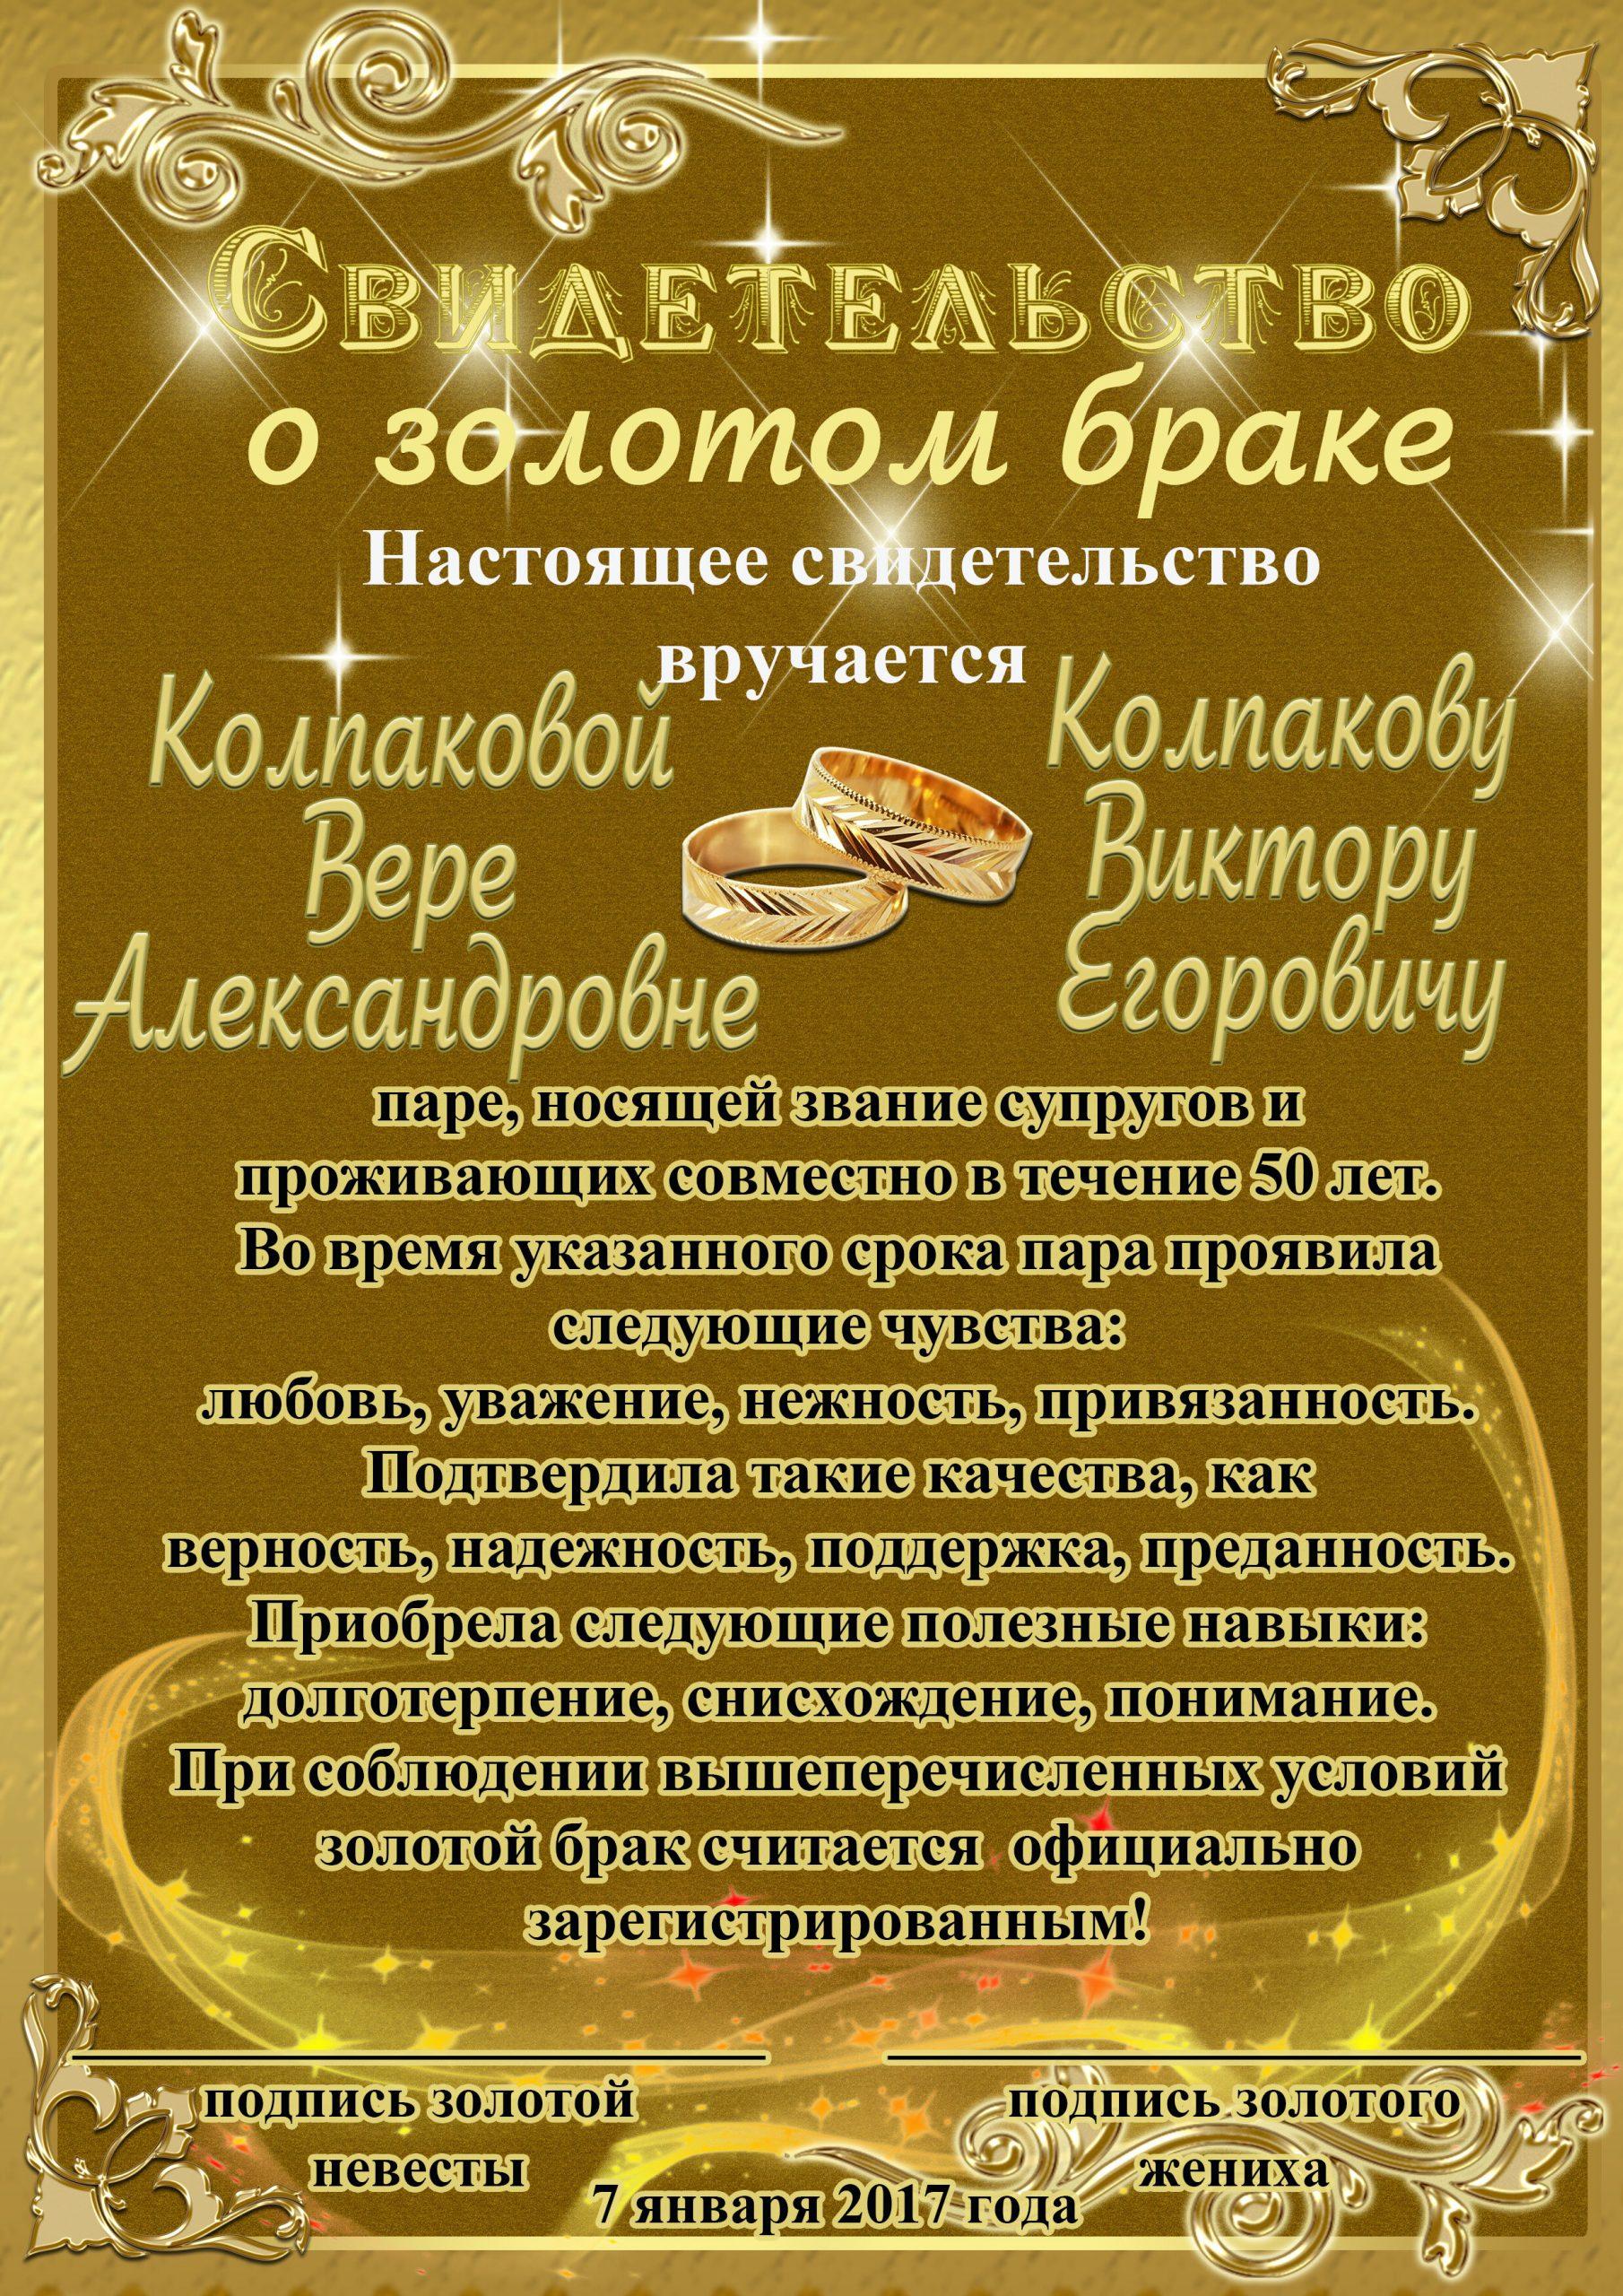 Печать грамот и дипломов для золотой свадьбы в Москве   фото 2